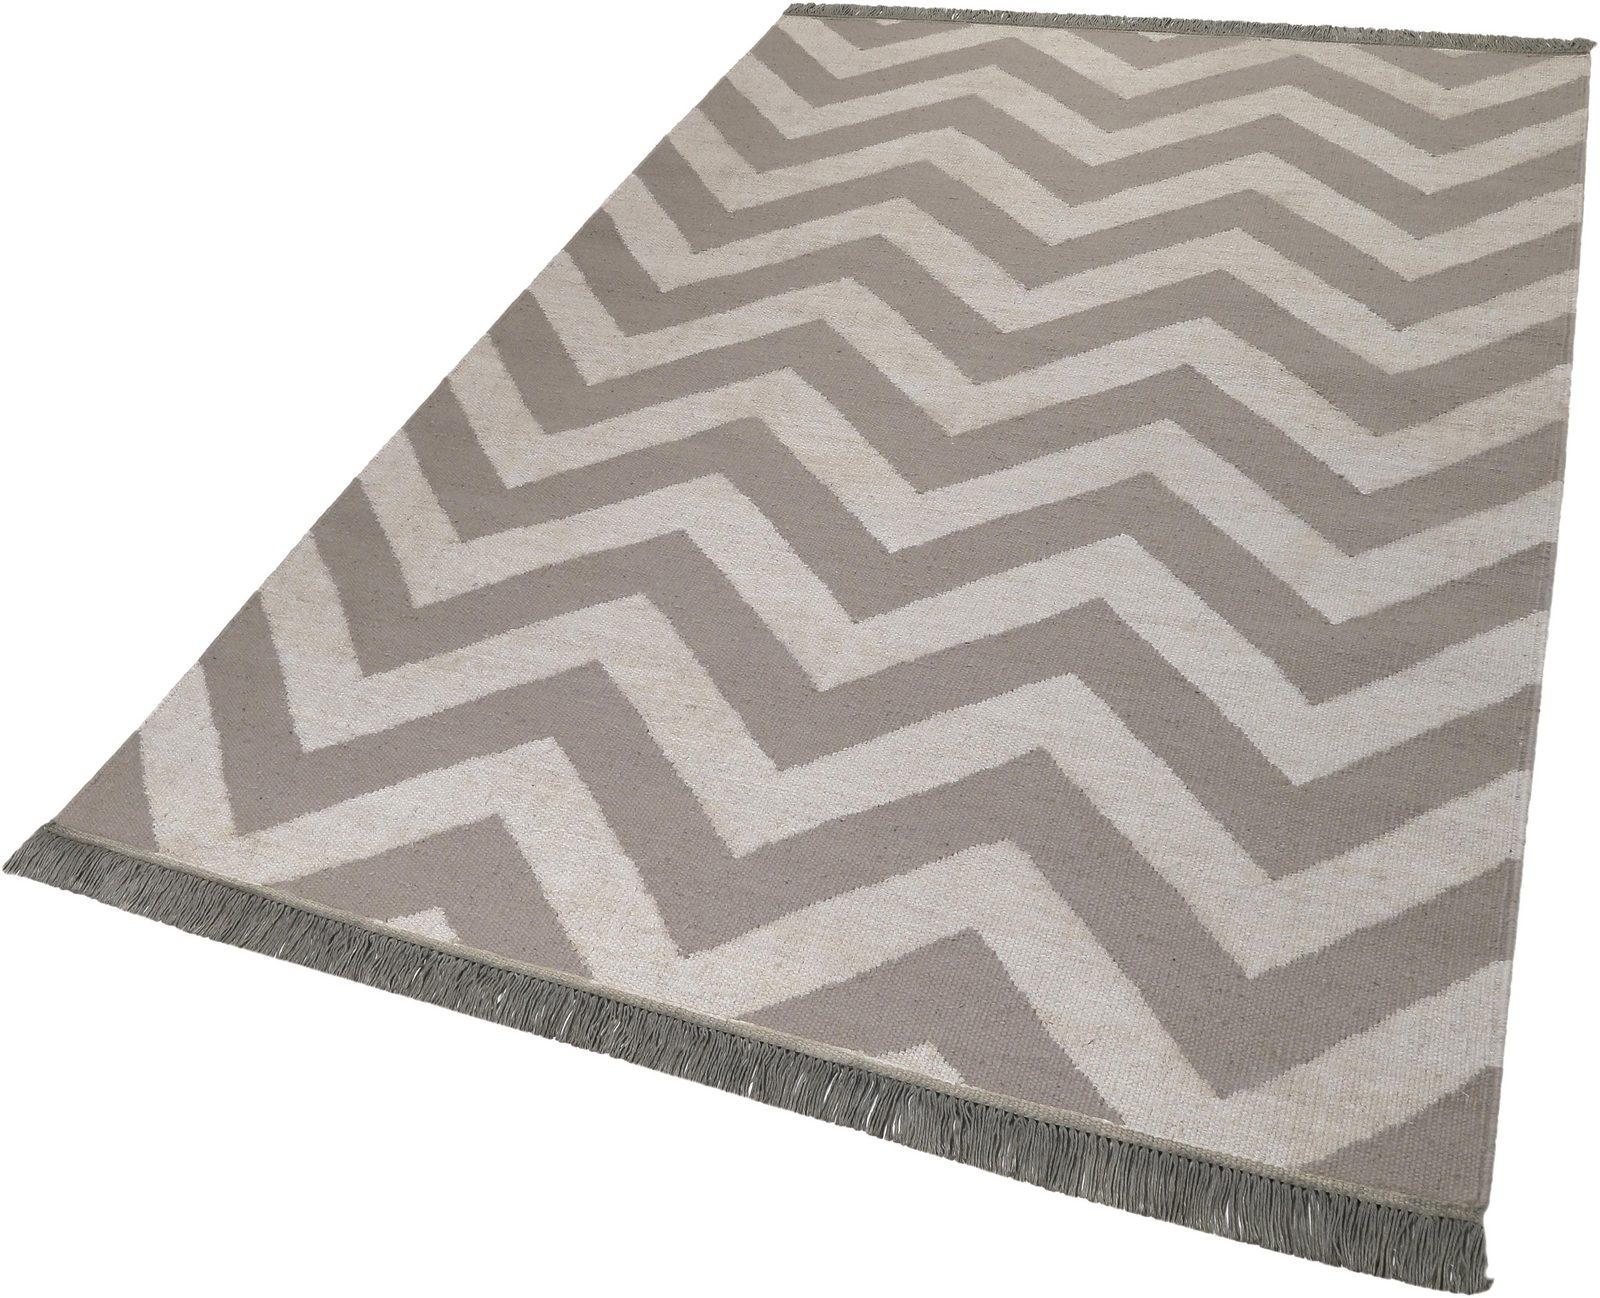 Teppich »Zig-Zag«, carpets&co, rechteckig, Höhe 5 mm - broschei